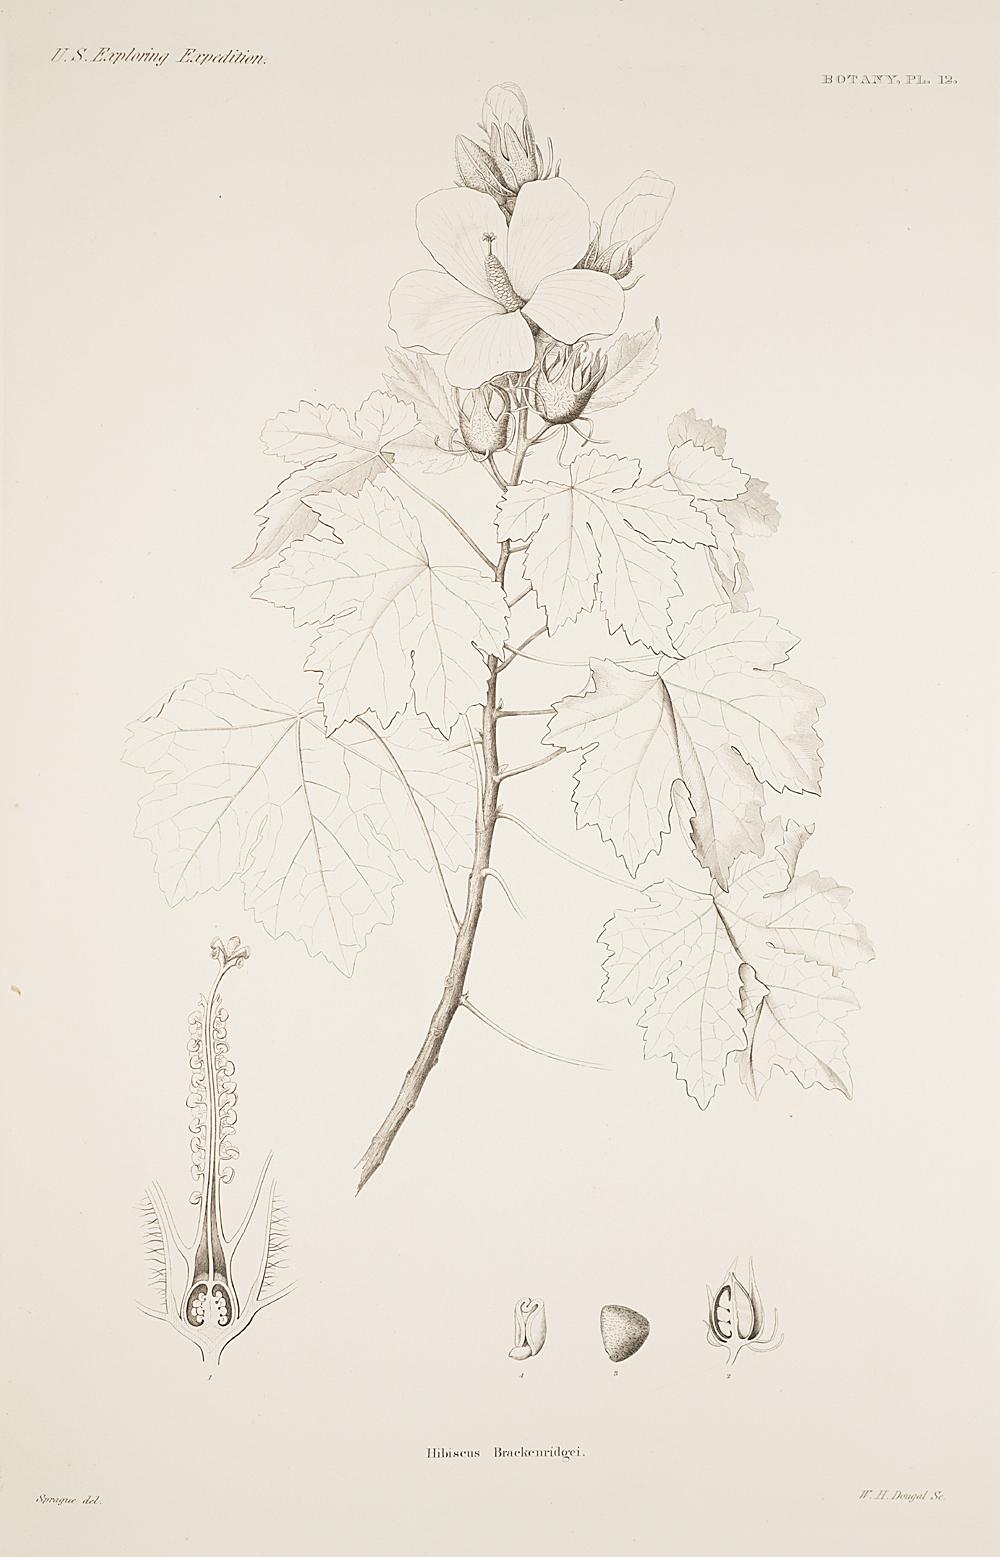 Botany, Pl. 12,  Image number:sil19-23-035b